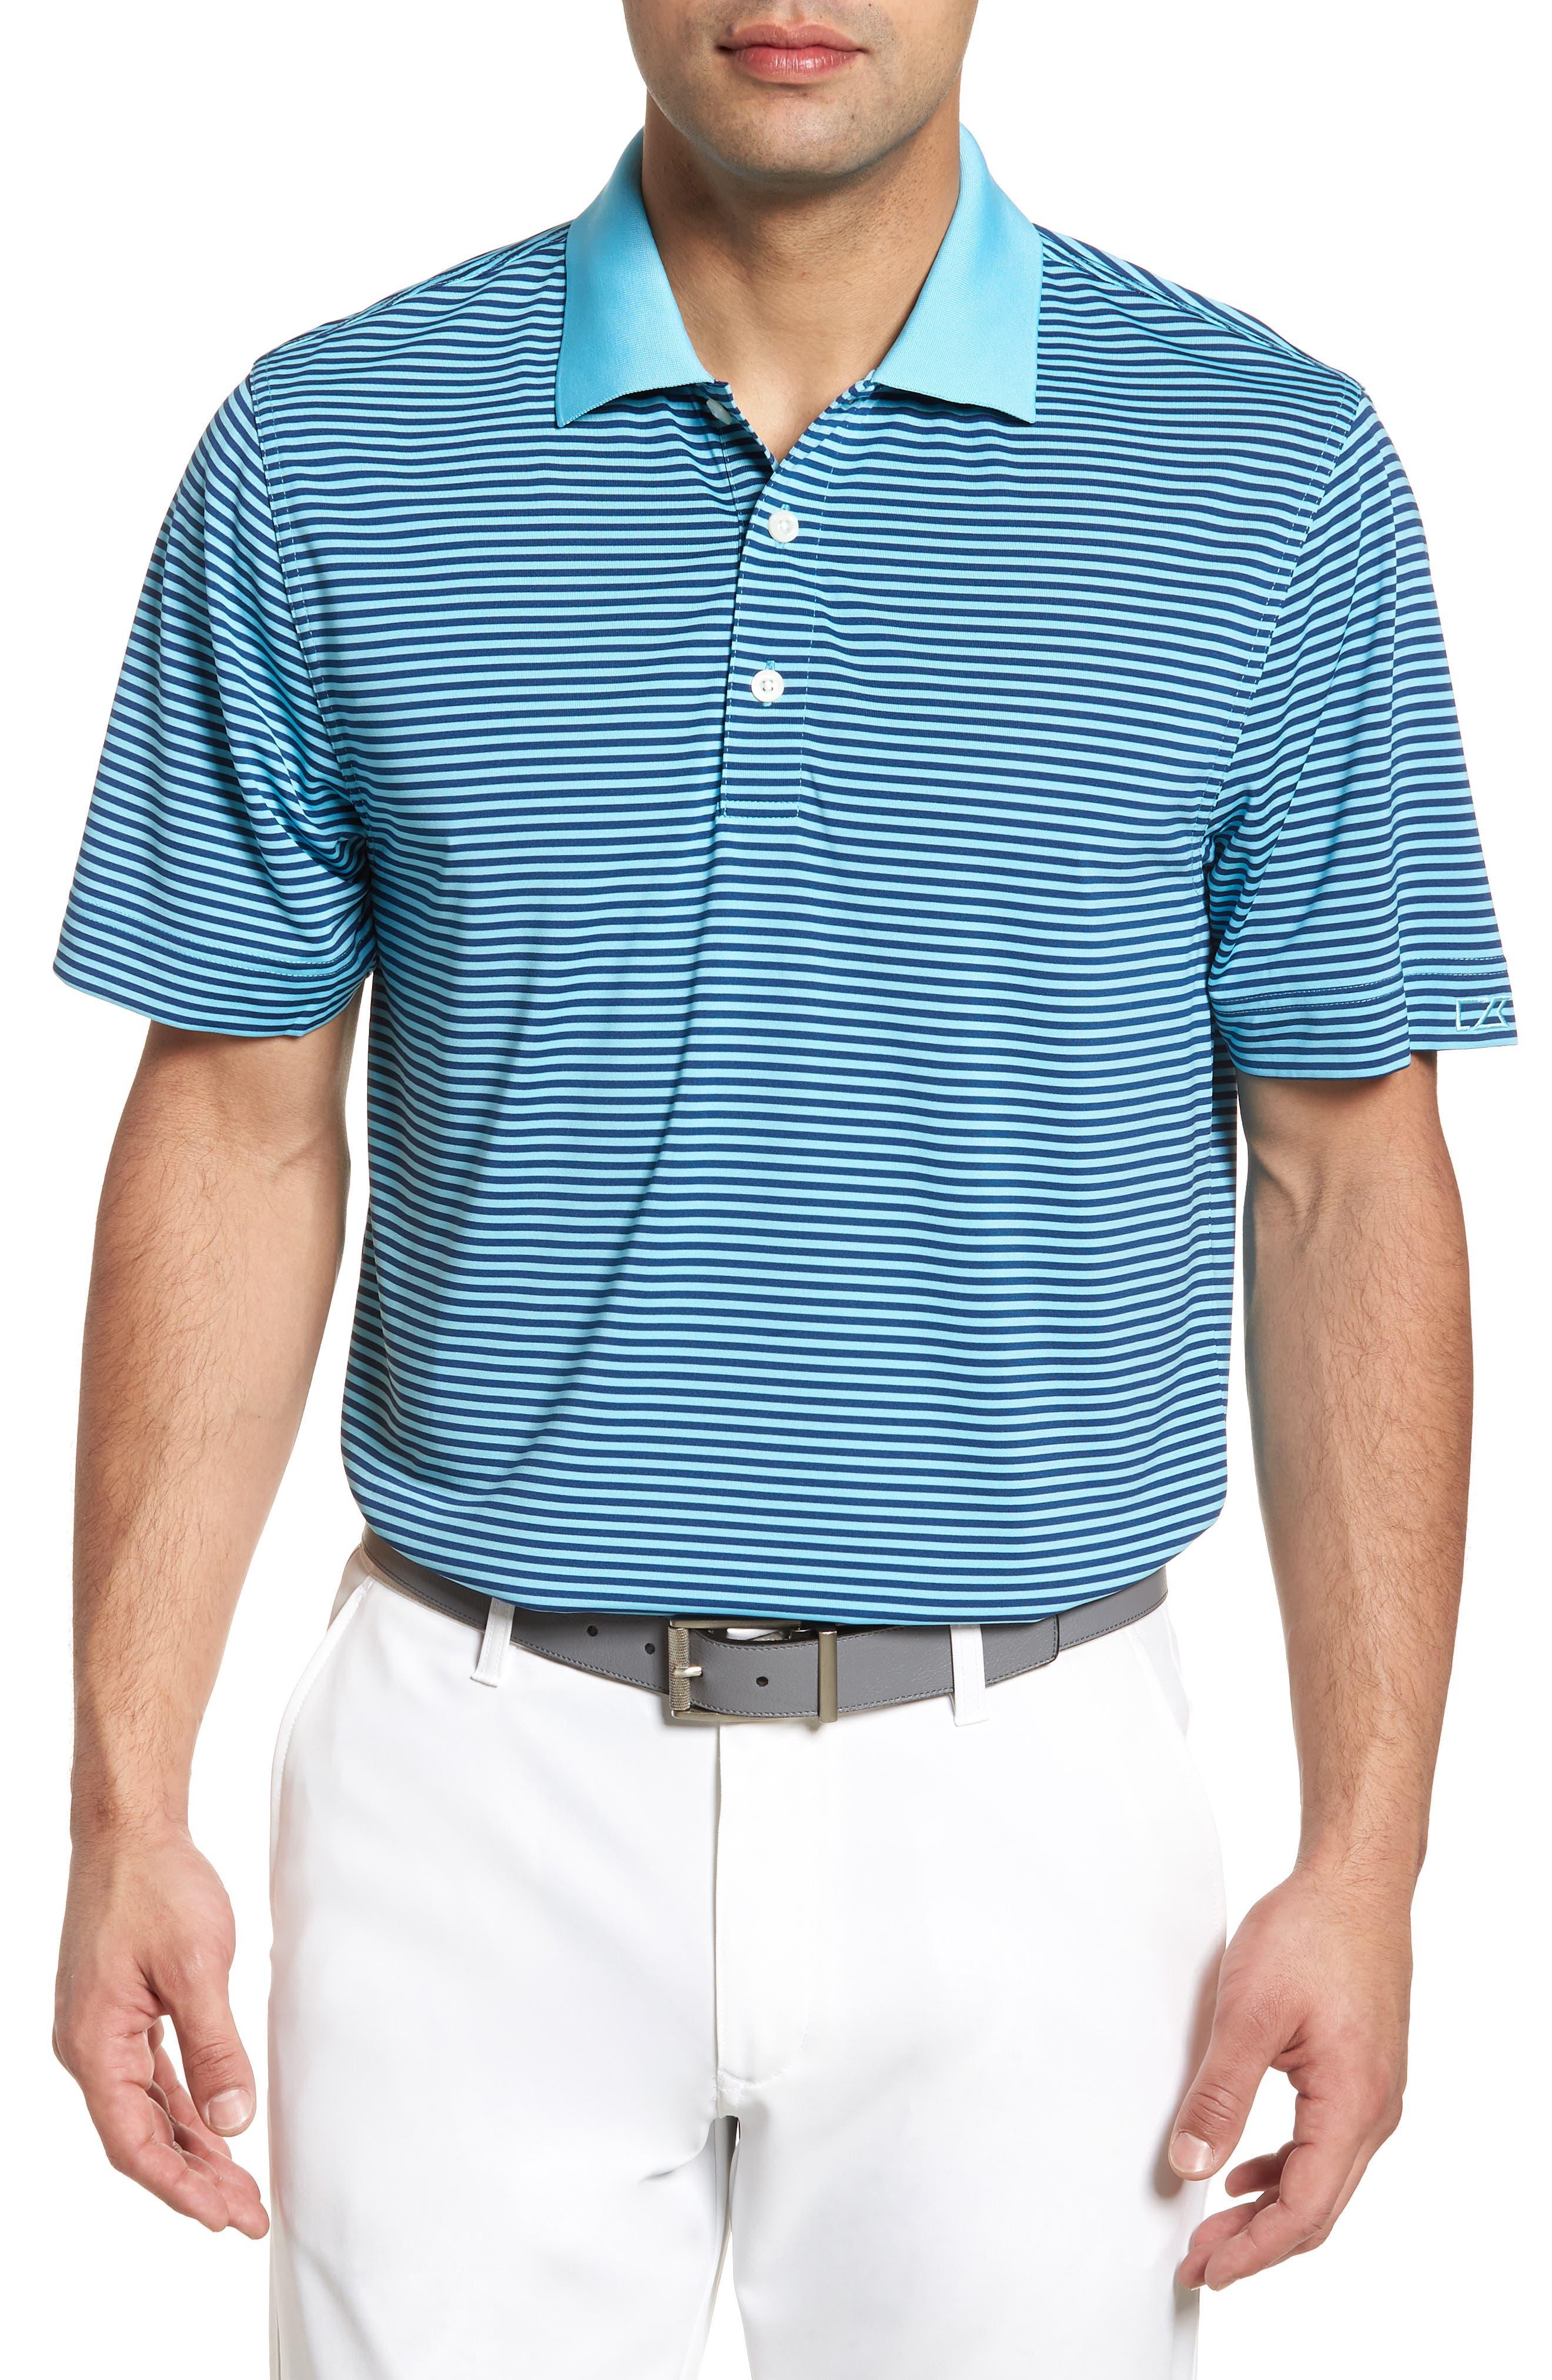 Alternate Image 1 Selected - Cutter & Buck Trevor Stripe DryTec Polo